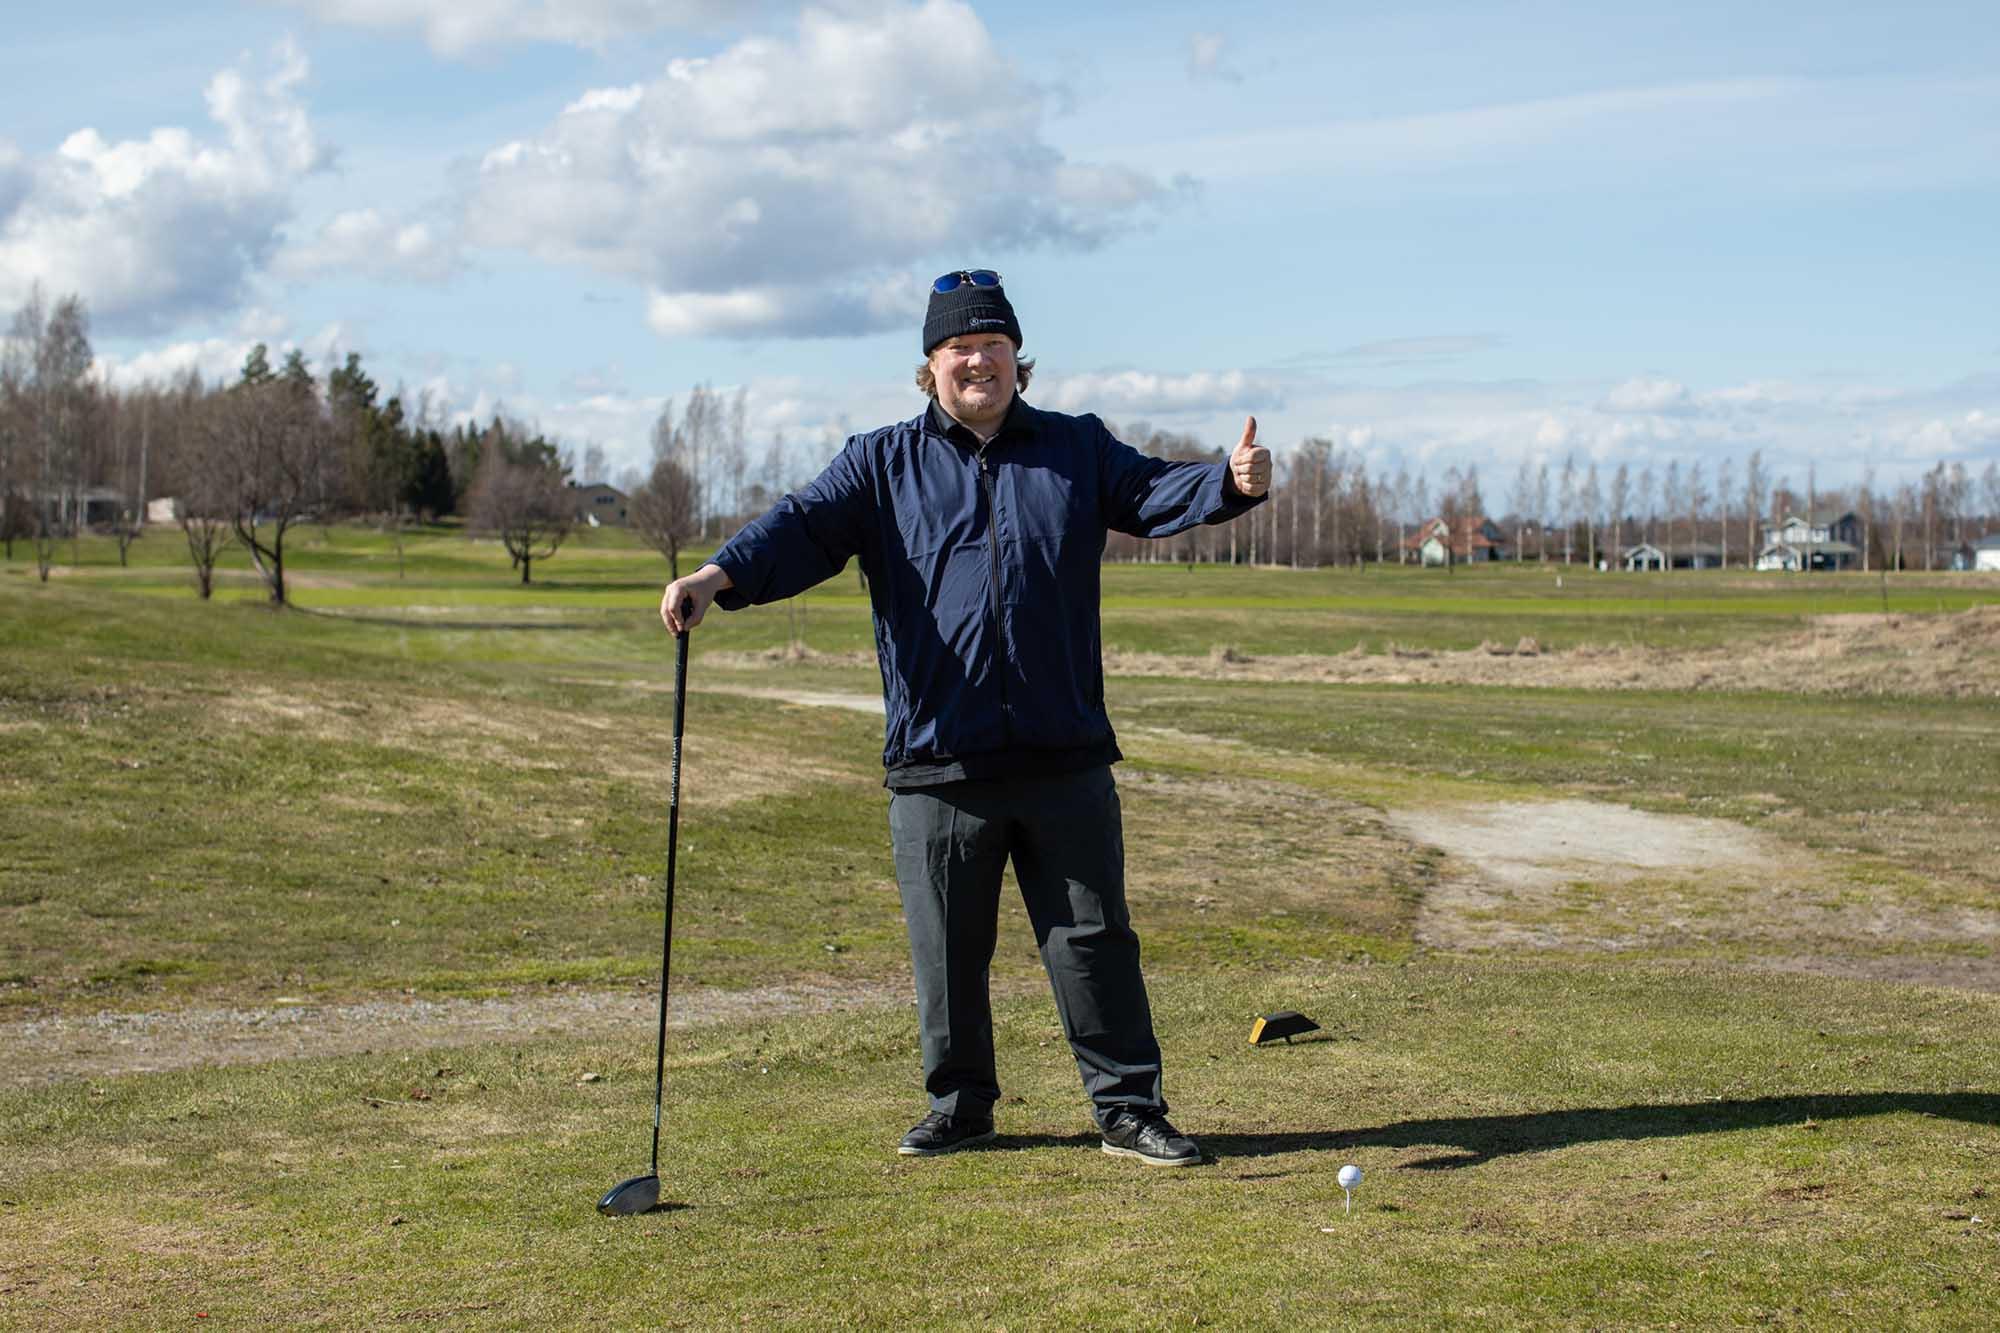 Raksystemsin johtava energia-asiantuntija Antti Hatsala golfkentällä.